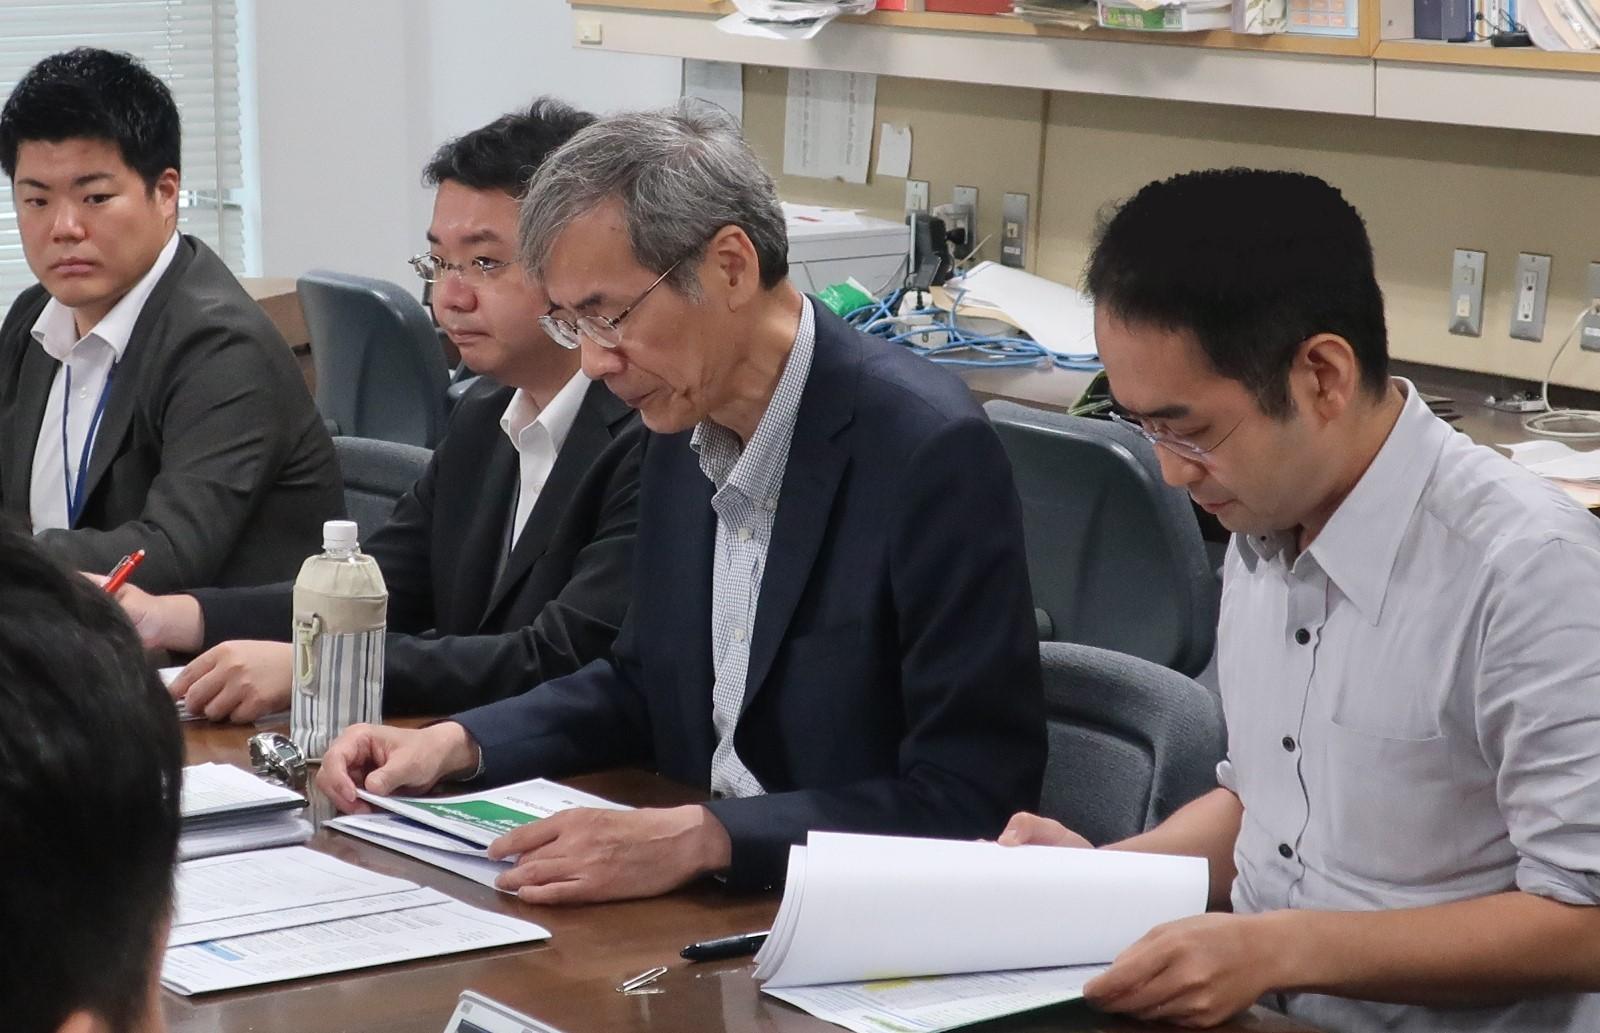 最新の2019年度関西経済見通しが掲載